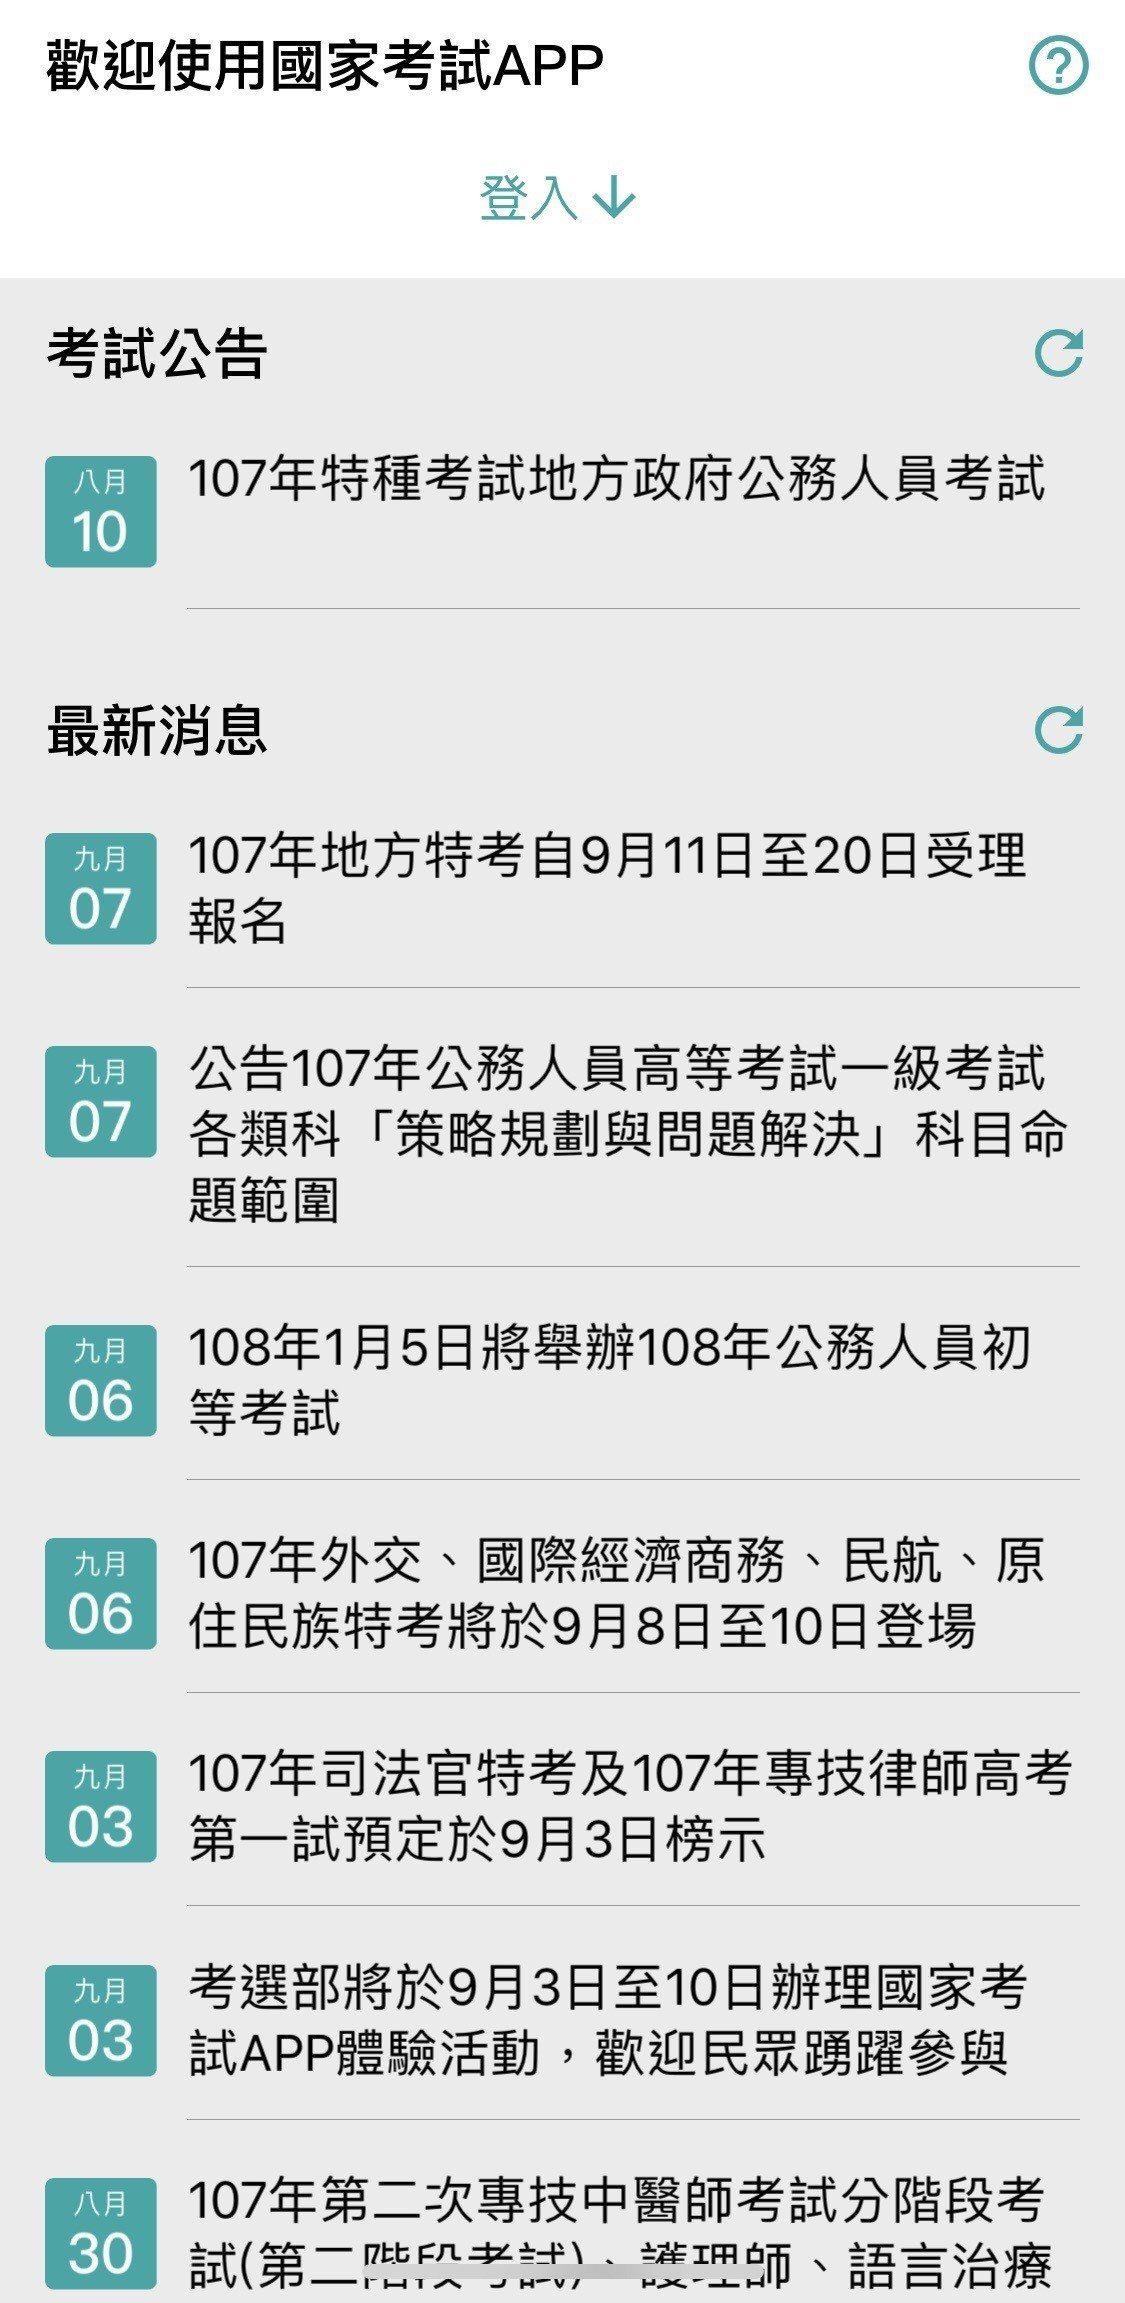 考選部推出手機版「國家考試」App也在9月上線,不過目前是體驗版,未來推出正式版...